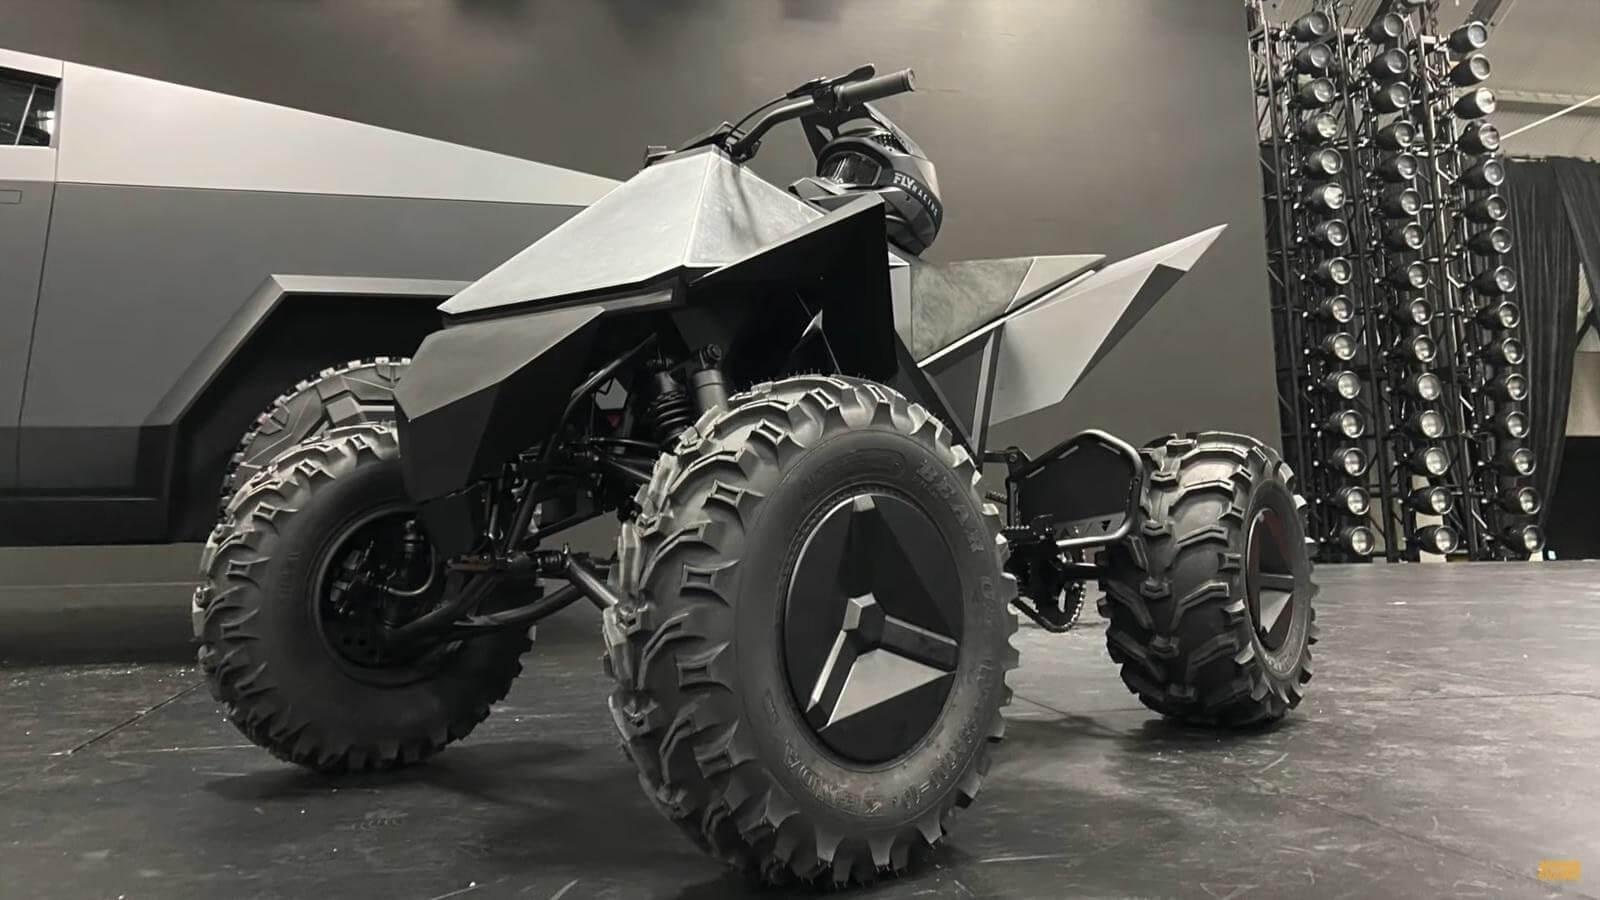 Elon Musk, tesla'nın yeni ATV'si 'Cyberquad'ın çıkış tarihini açıkladı.